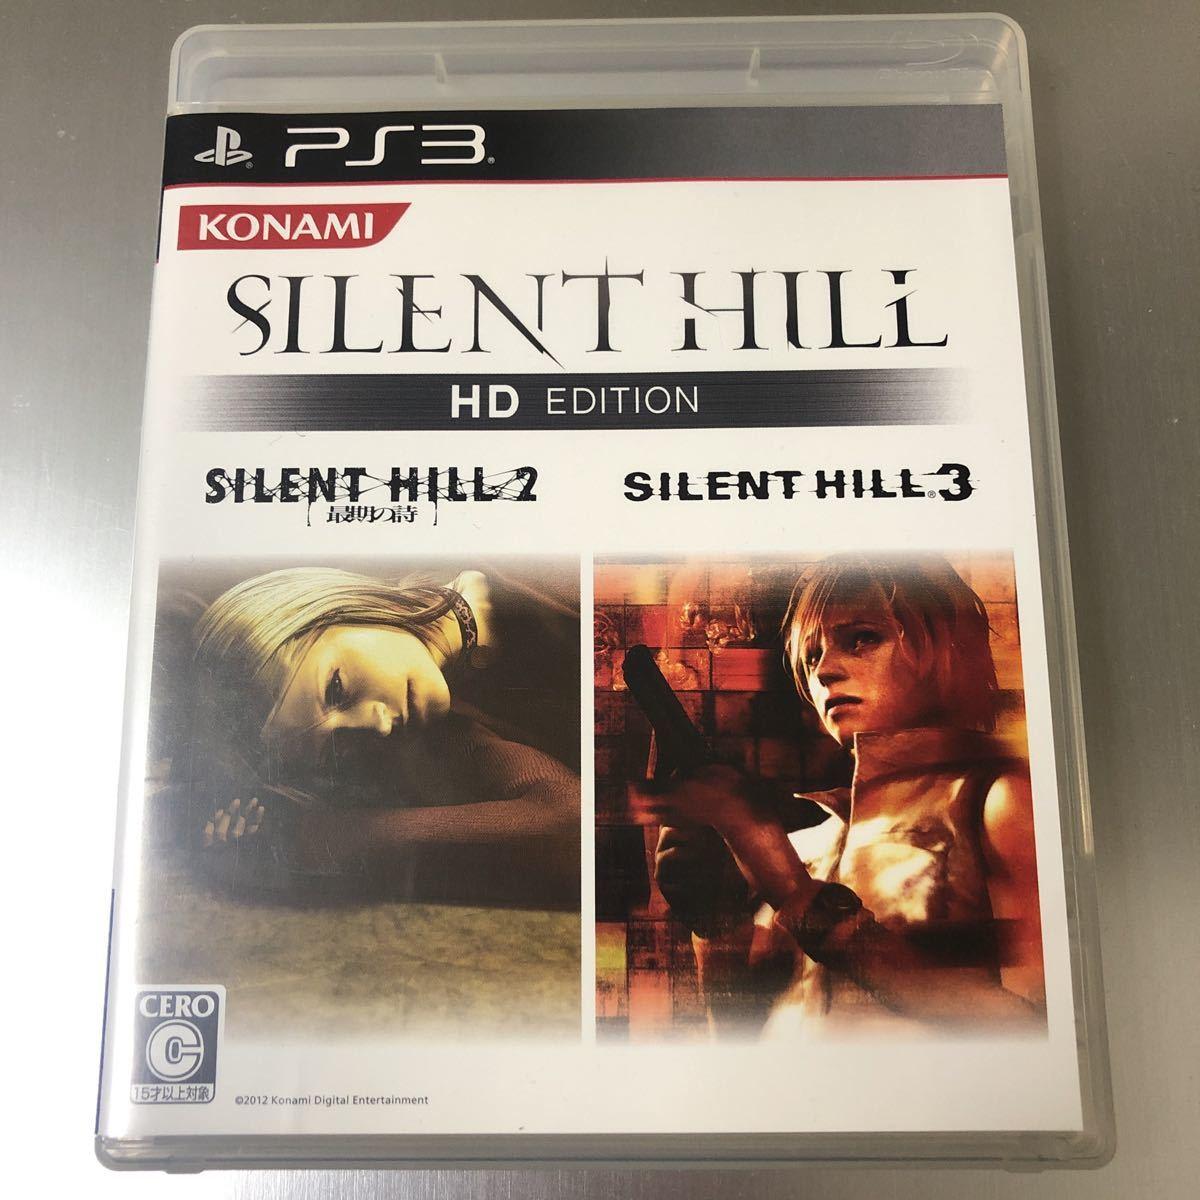 ◆PS3◆SILENT HILL サイレントヒル HD EDITION エディション サイレントヒル2 最期の詩 サイレントヒル3